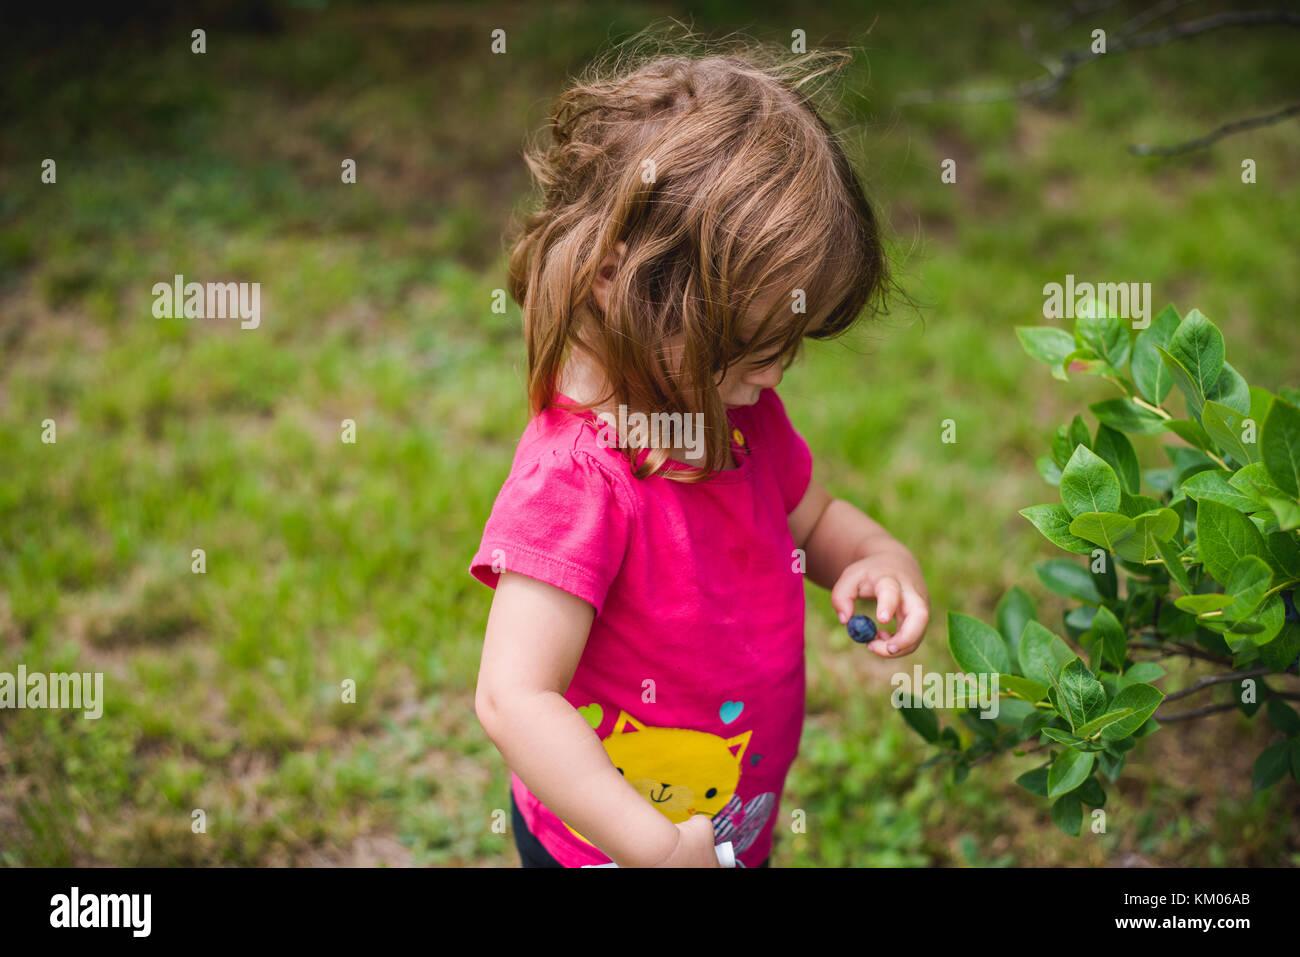 Una niña sostiene una blueberry junto a un arbusto de arándanos Imagen De Stock